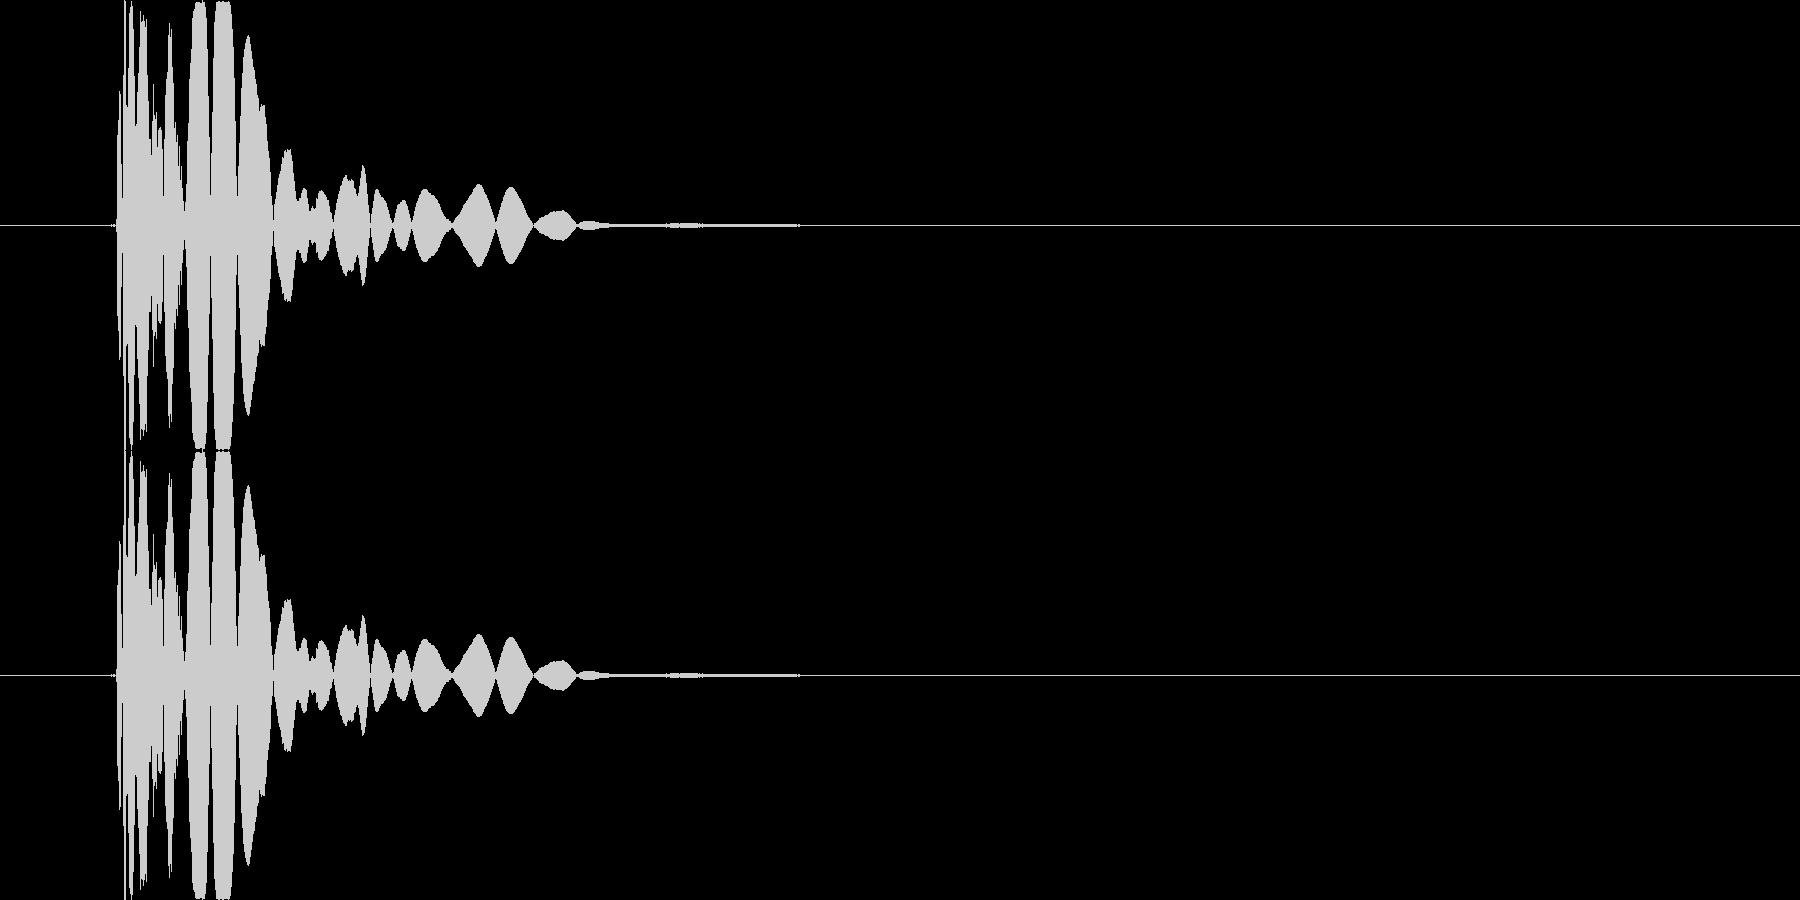 【SE】打撃音(パンチ03)の未再生の波形